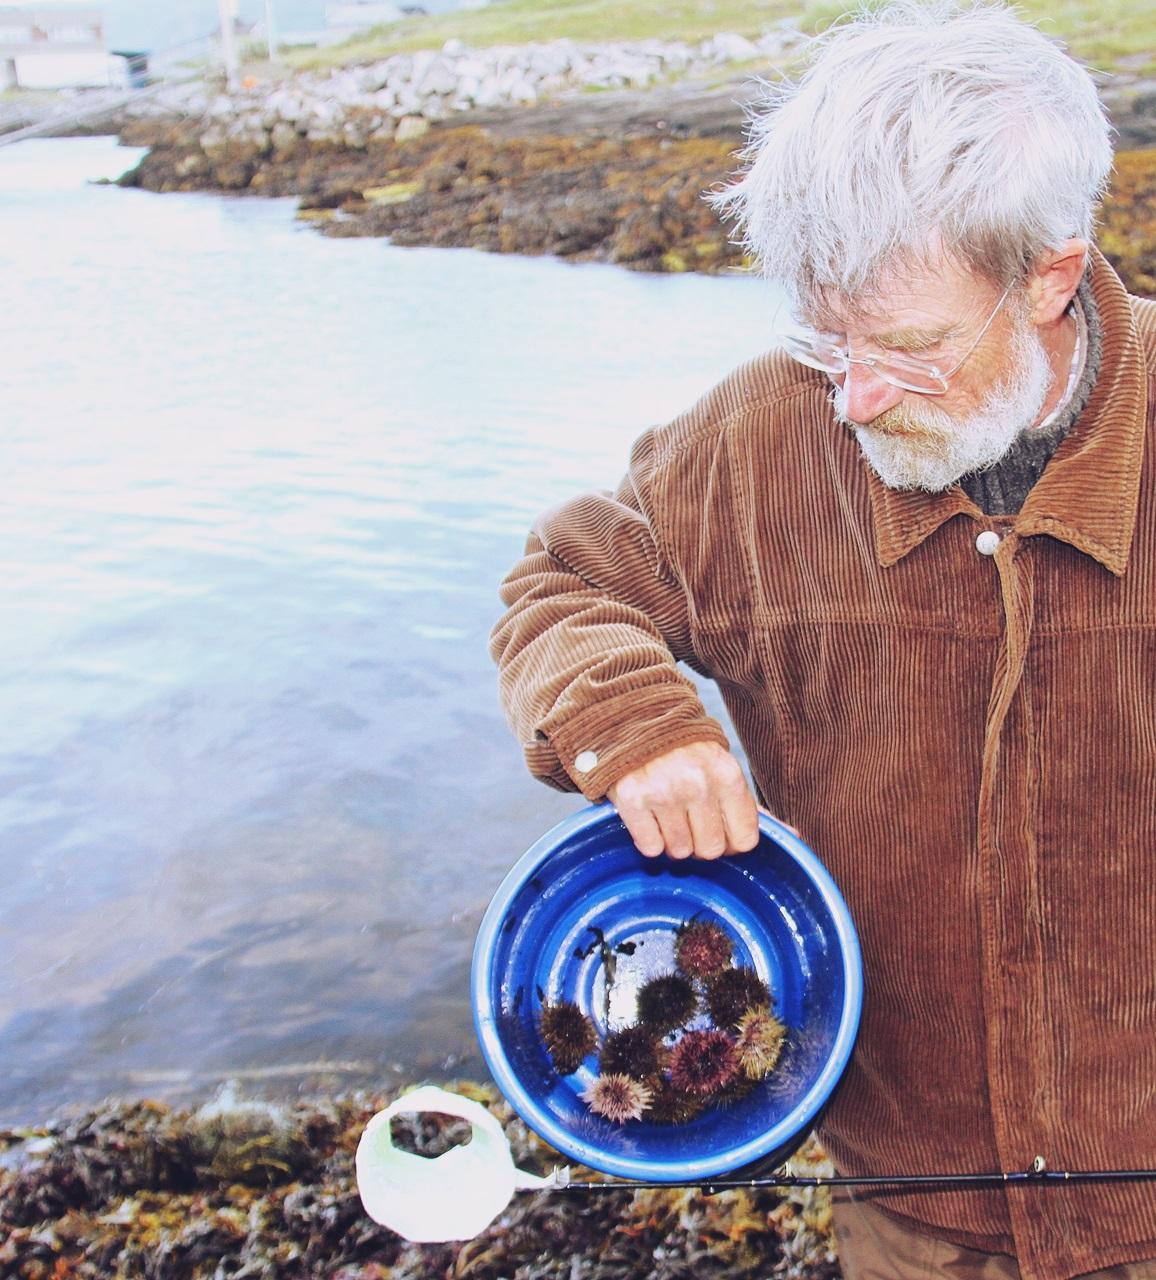 litt variert kost, Peter plukker kråkeboller til forrett